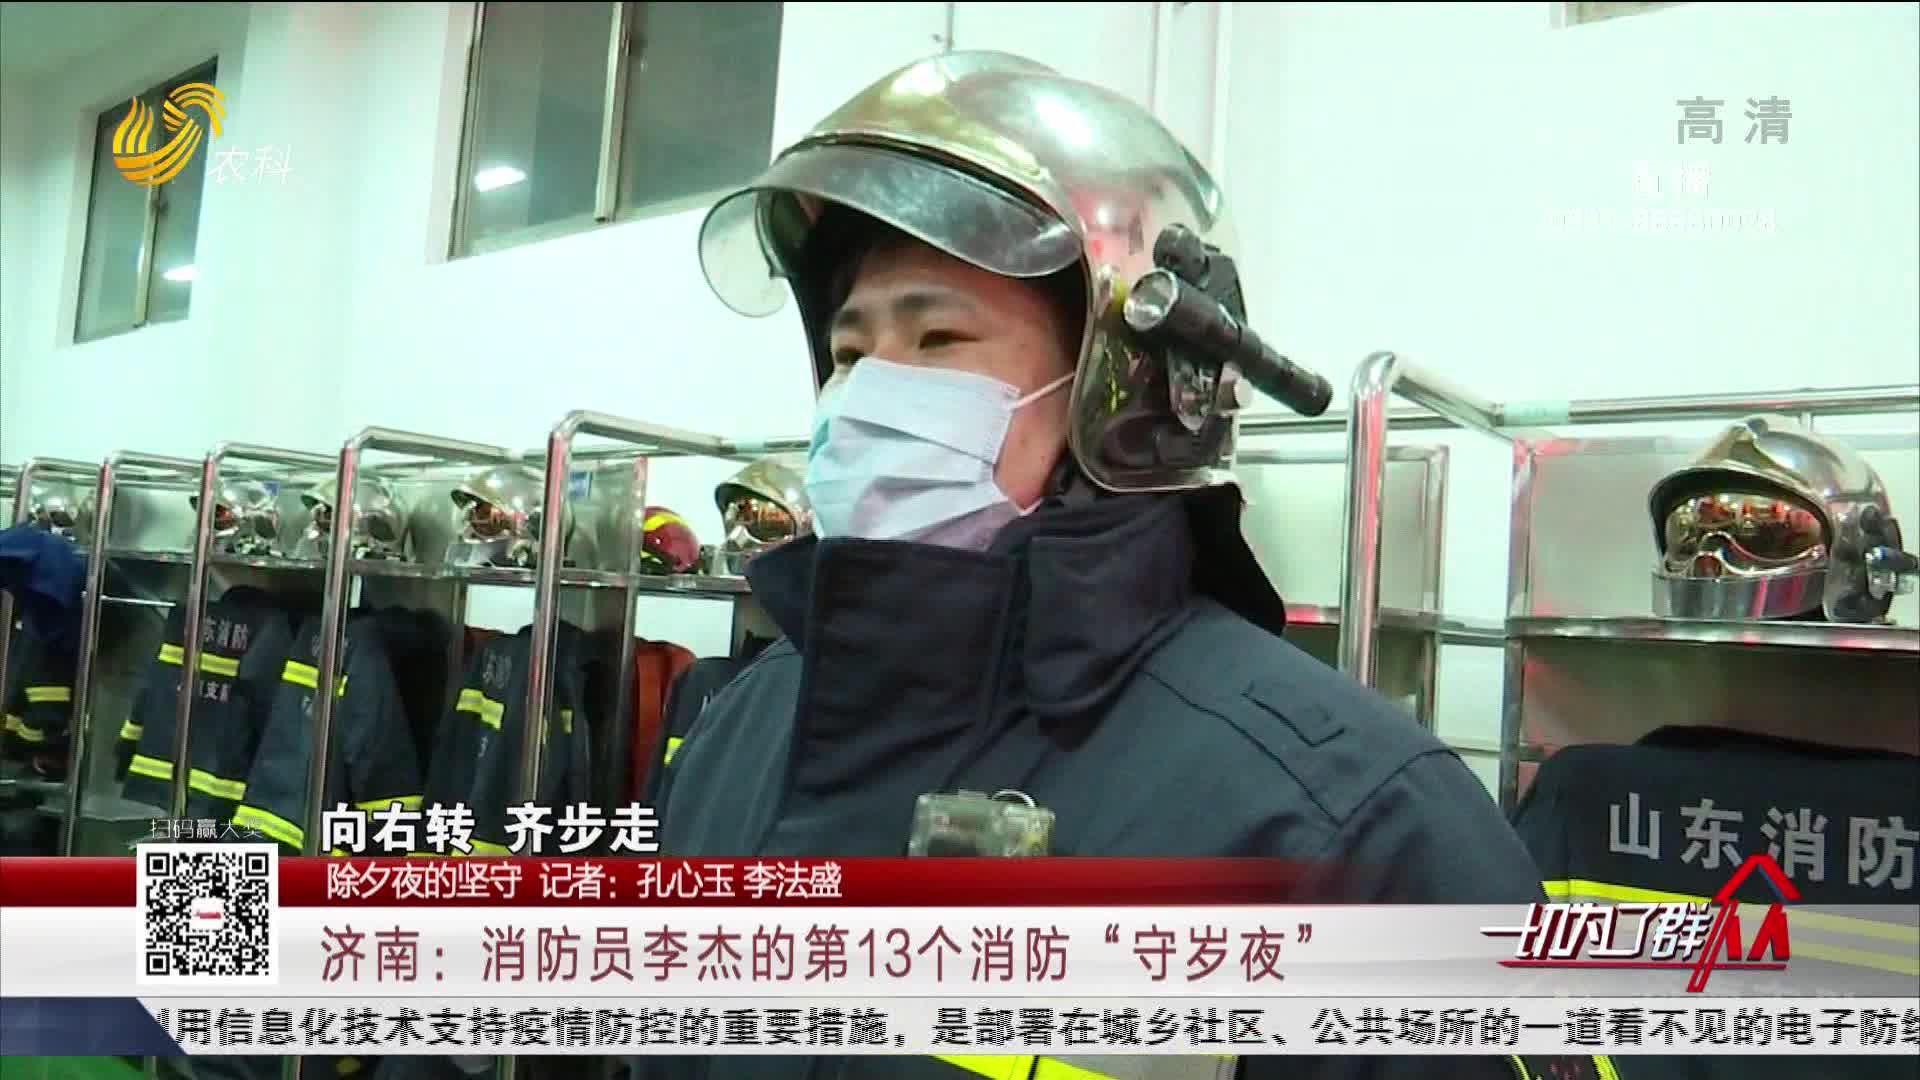 """【除夕夜的坚守】济南:消防员李杰的第13个消防""""守岁夜"""""""